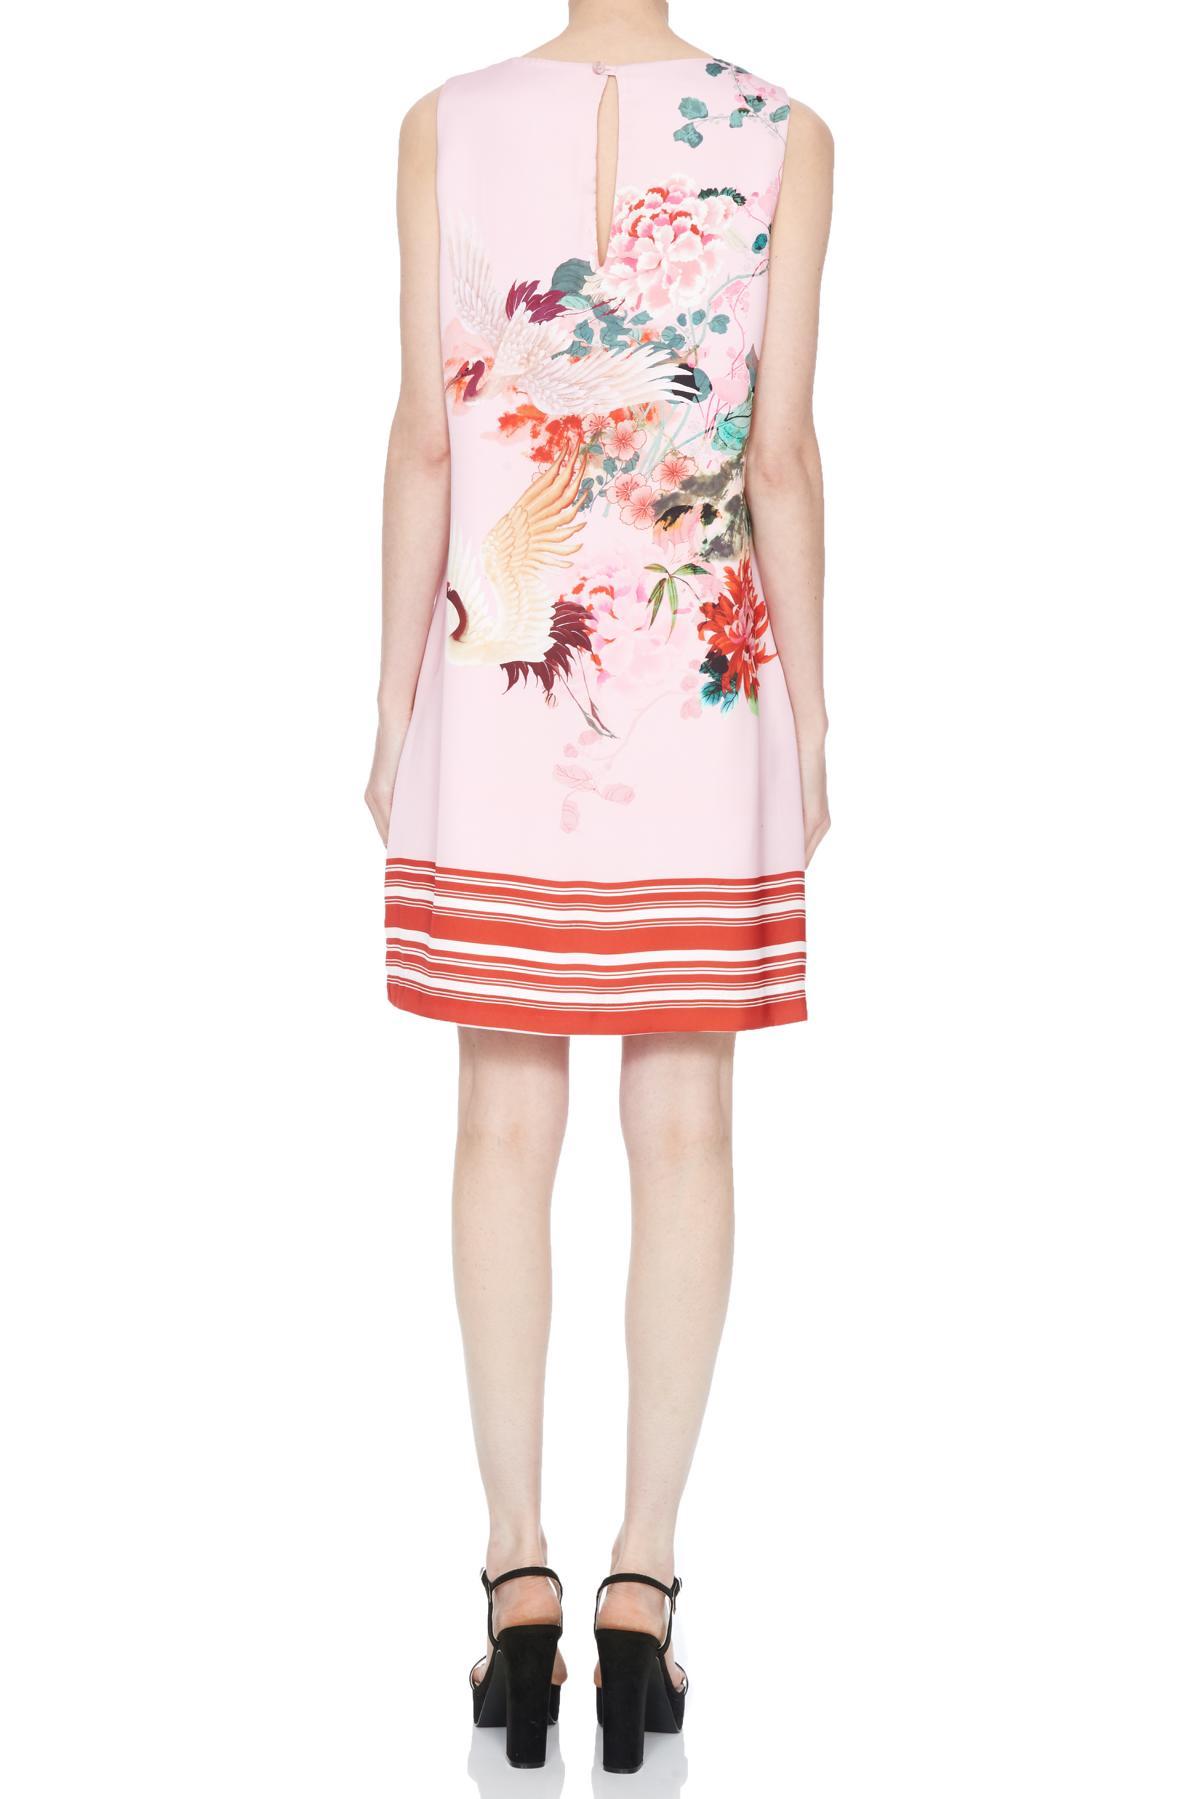 Rückansicht von Ana Alcazar A-Linen Kleid Nea  angezogen an Model